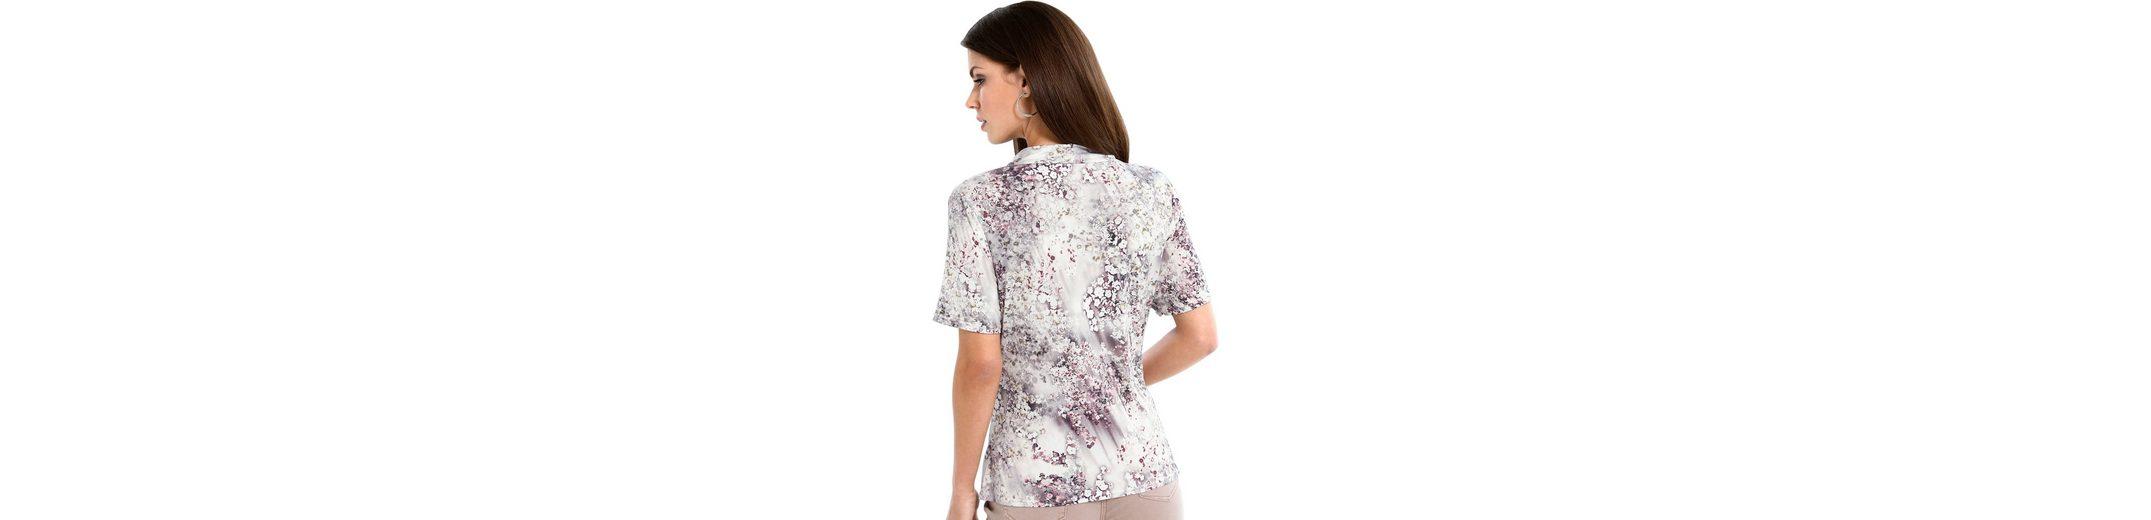 Lady Shirt im Aquarellblüten-Dessin Äußerst Günstig Kaufen Veröffentlichungstermine Sammlungen Günstig Online Freies Verschiffen 2018 Neueste CjKFcK